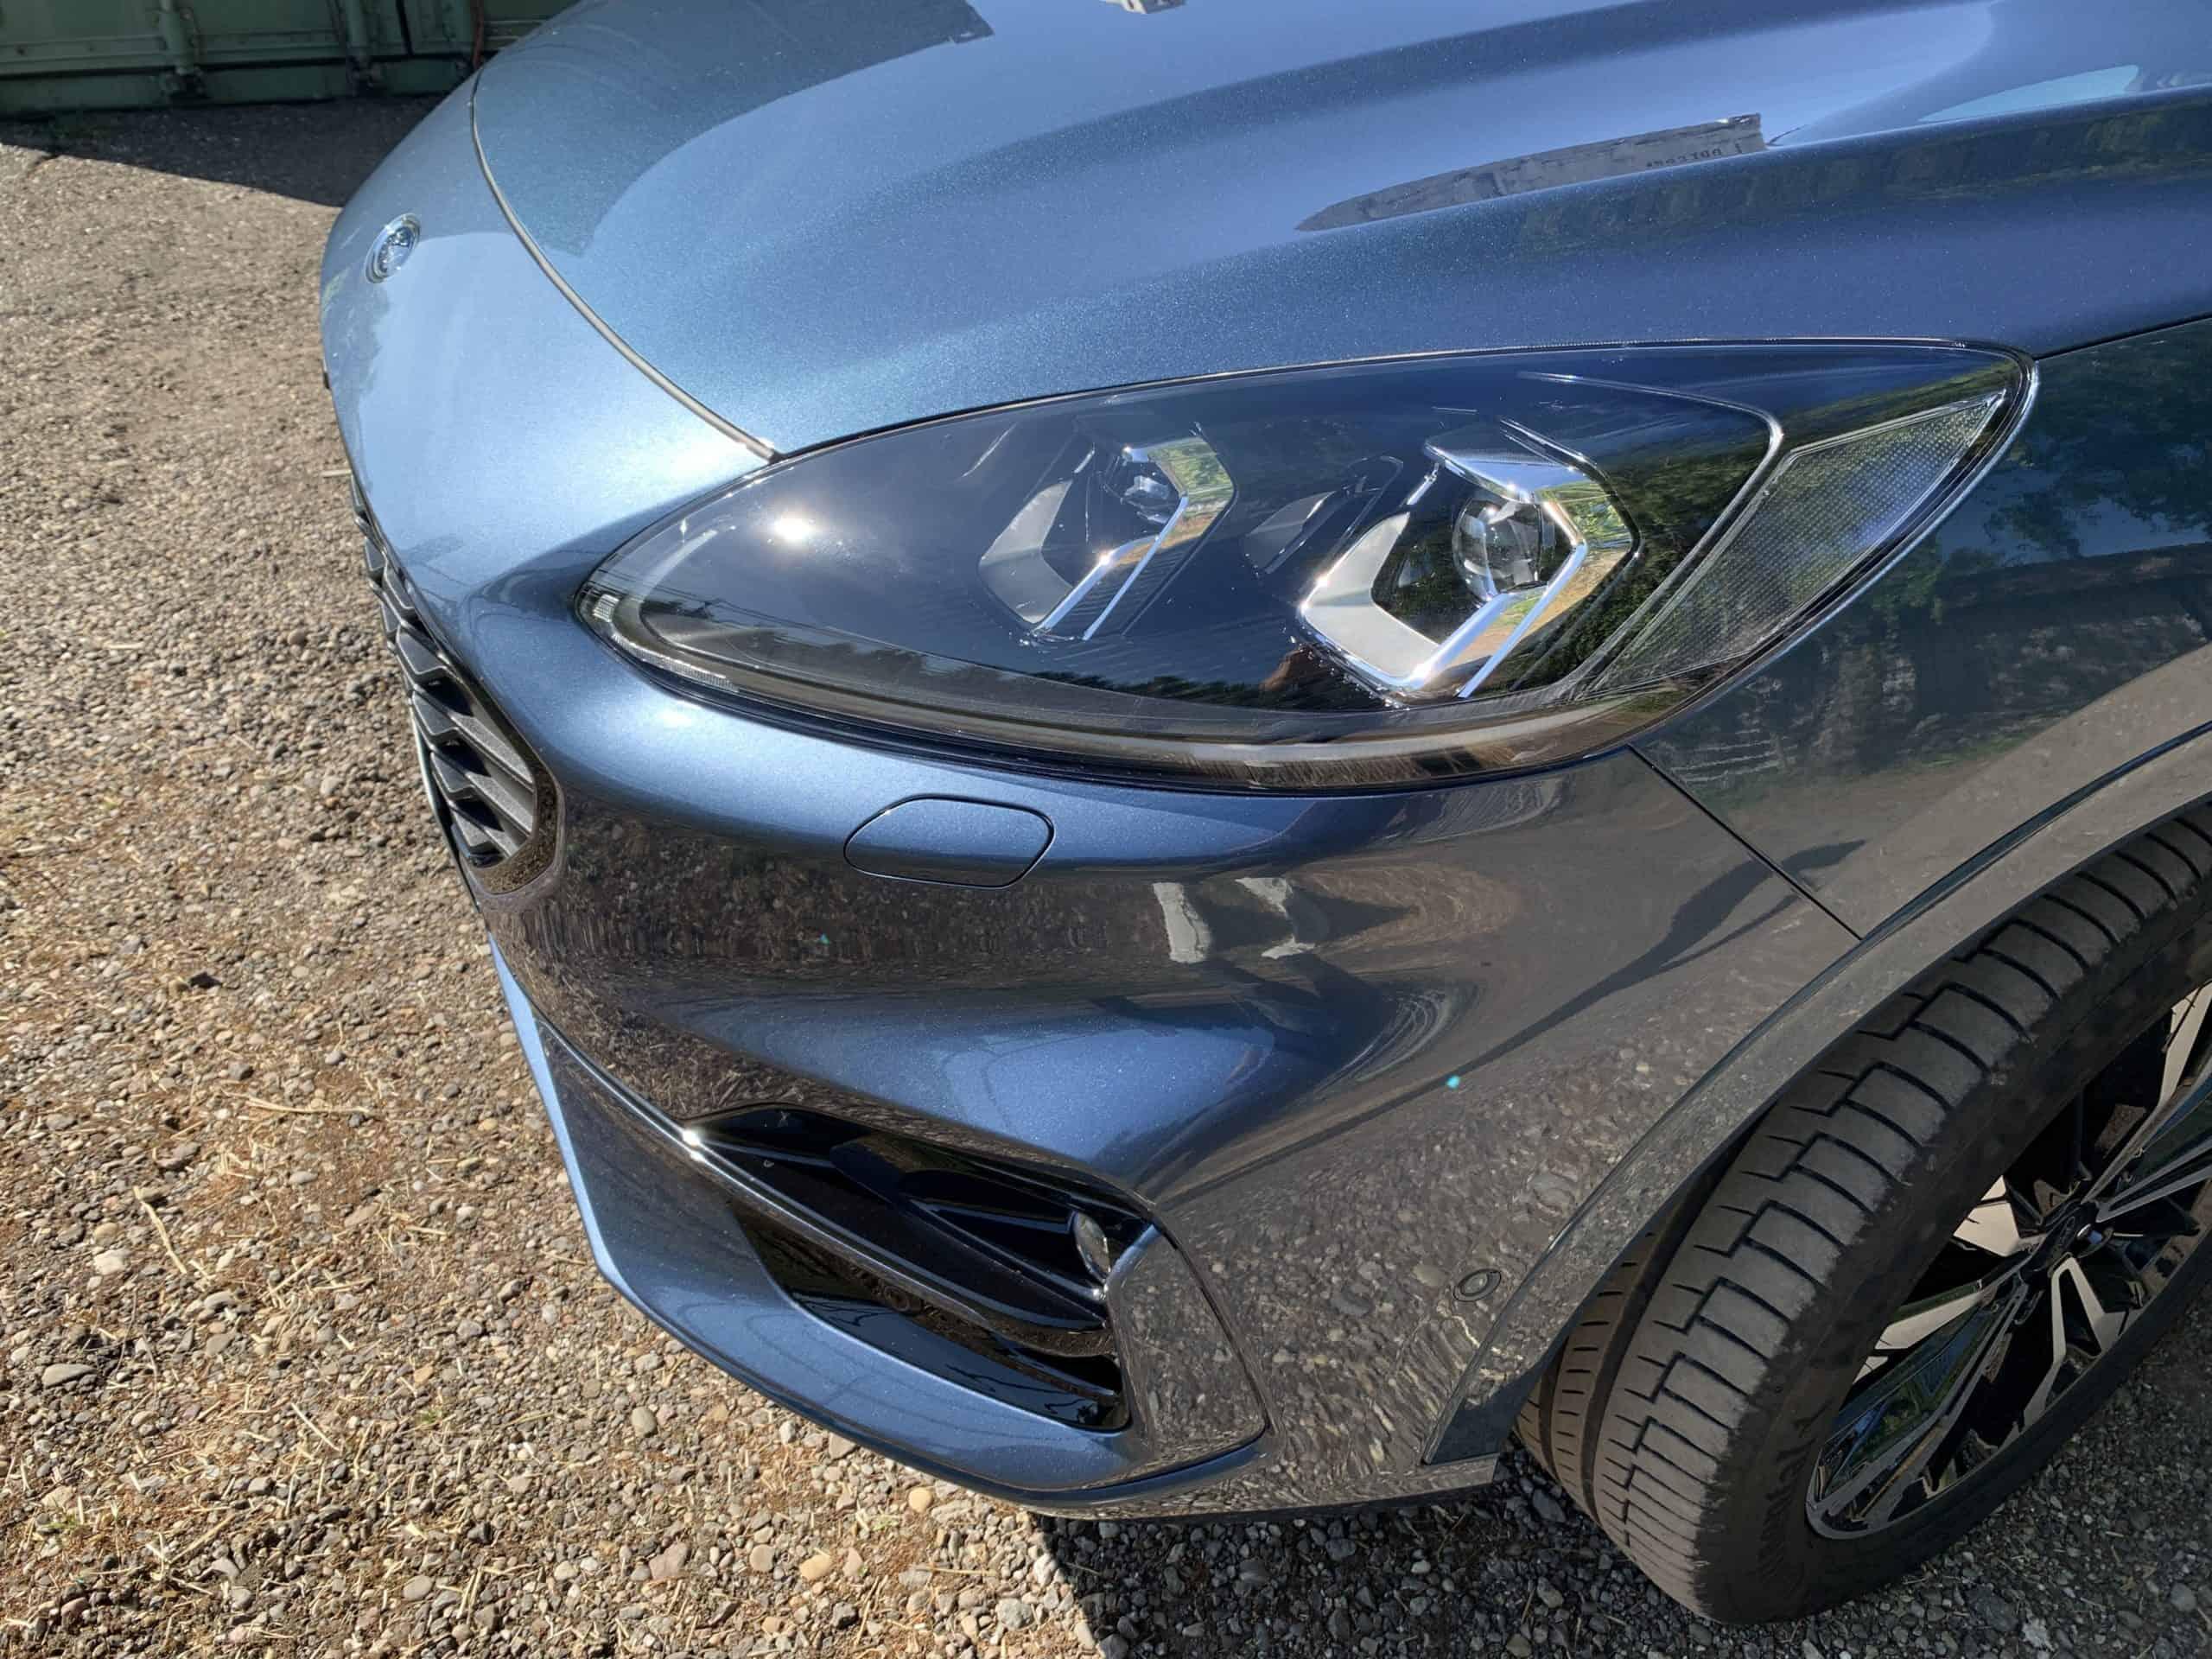 Ford Kuga mit Plug-in Hybrid-Antrieb (2020) -  Zukunftstauglichkeit eingebaut, LED Scheinwerfer